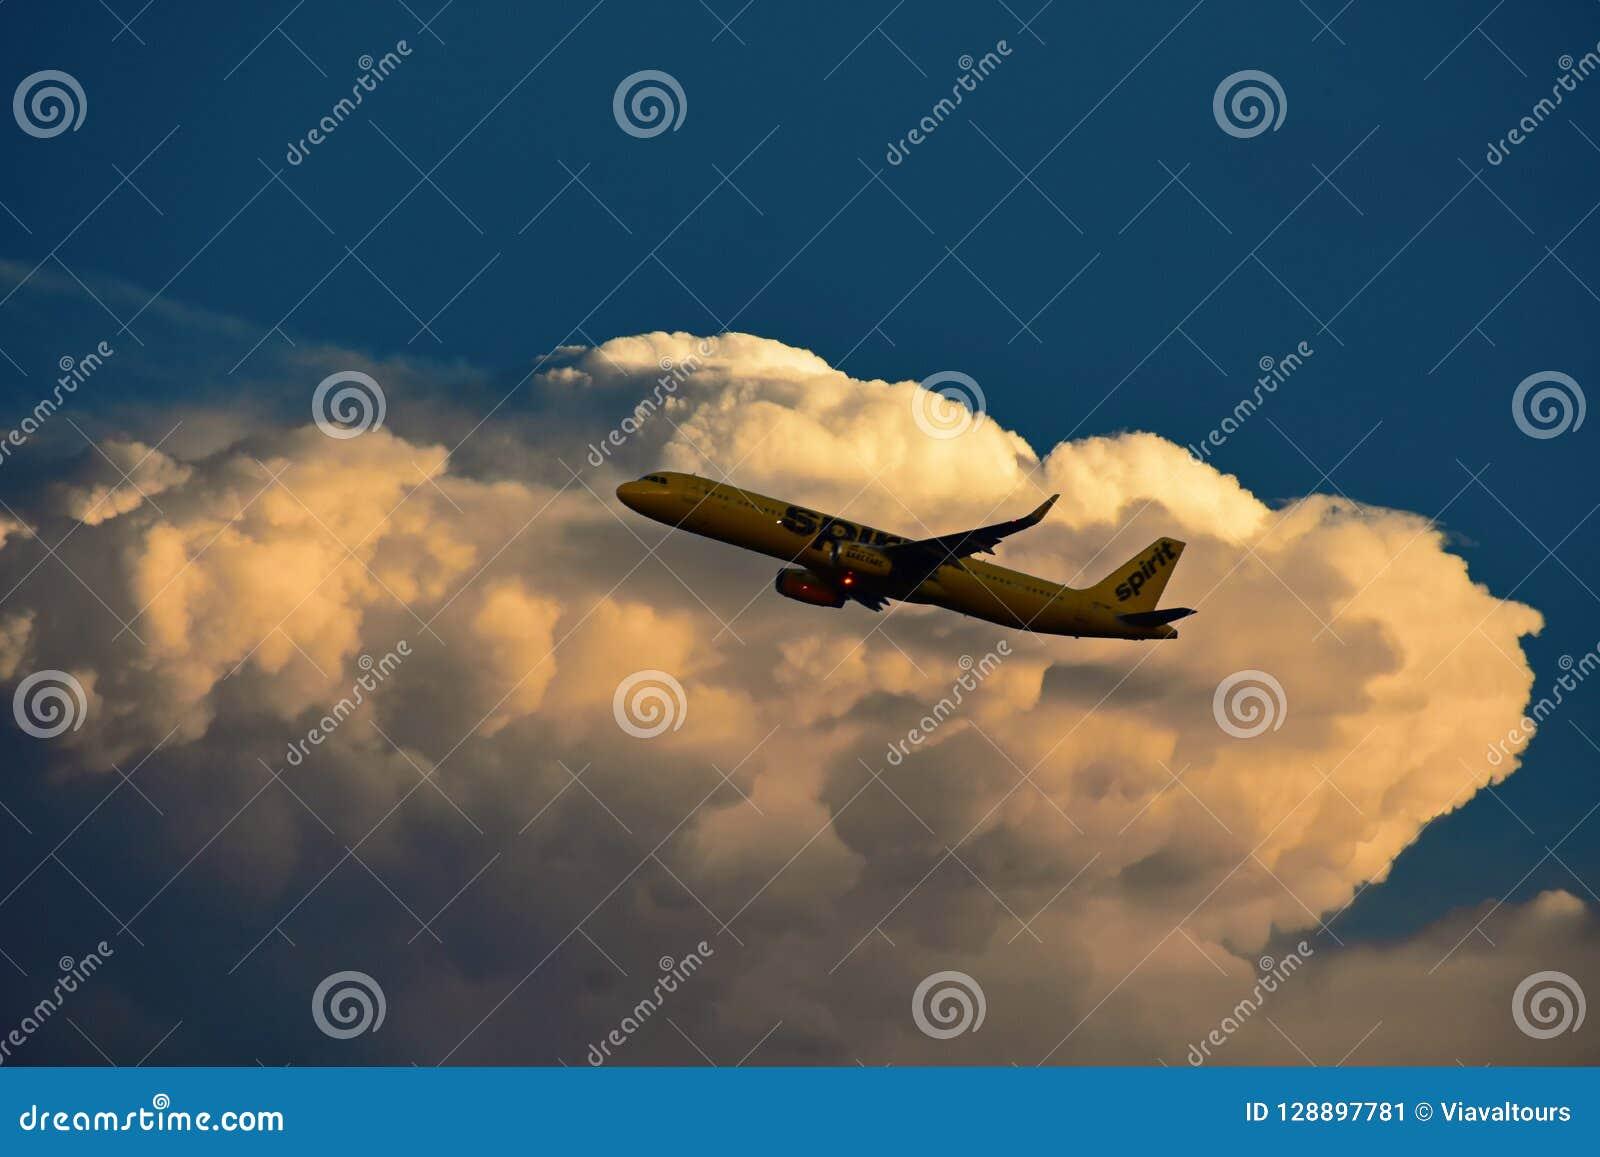 Aeroplano de Spirit Airlines que gana altitud después de despegue, en el cielo hermoso de la puesta del sol